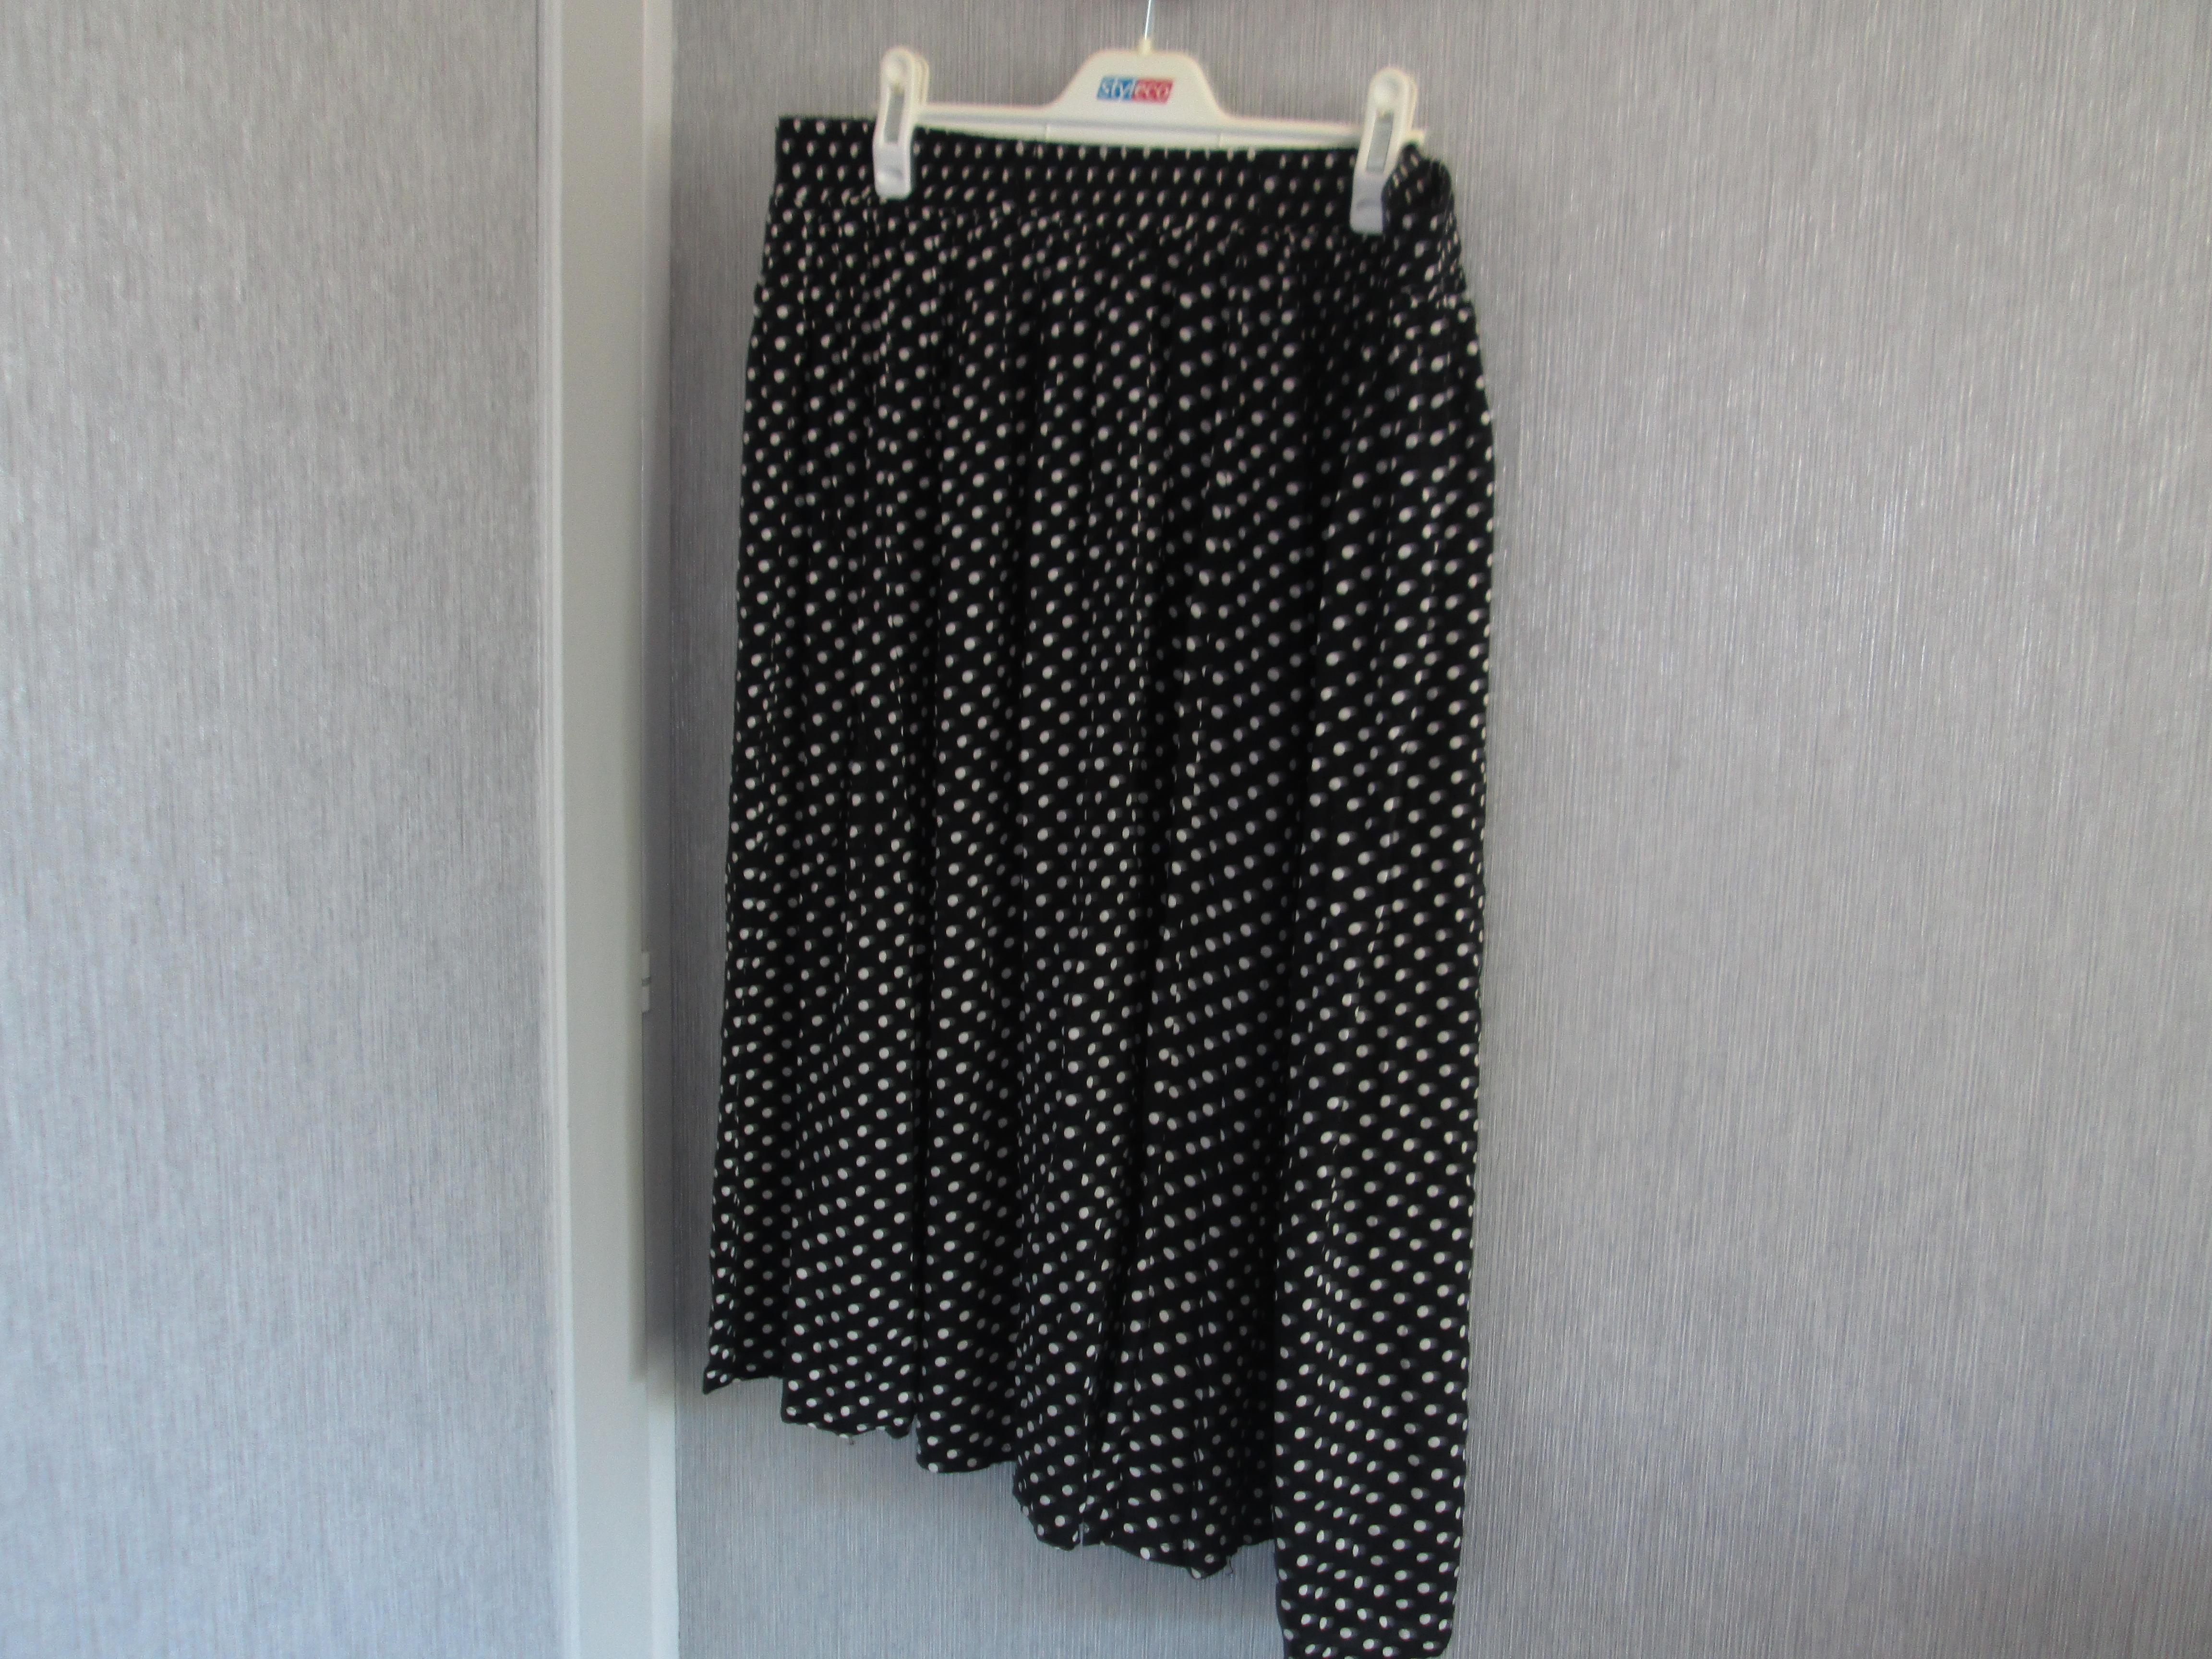 troc de troc jupe noir petit pois taille 46   6 noisettes image 0